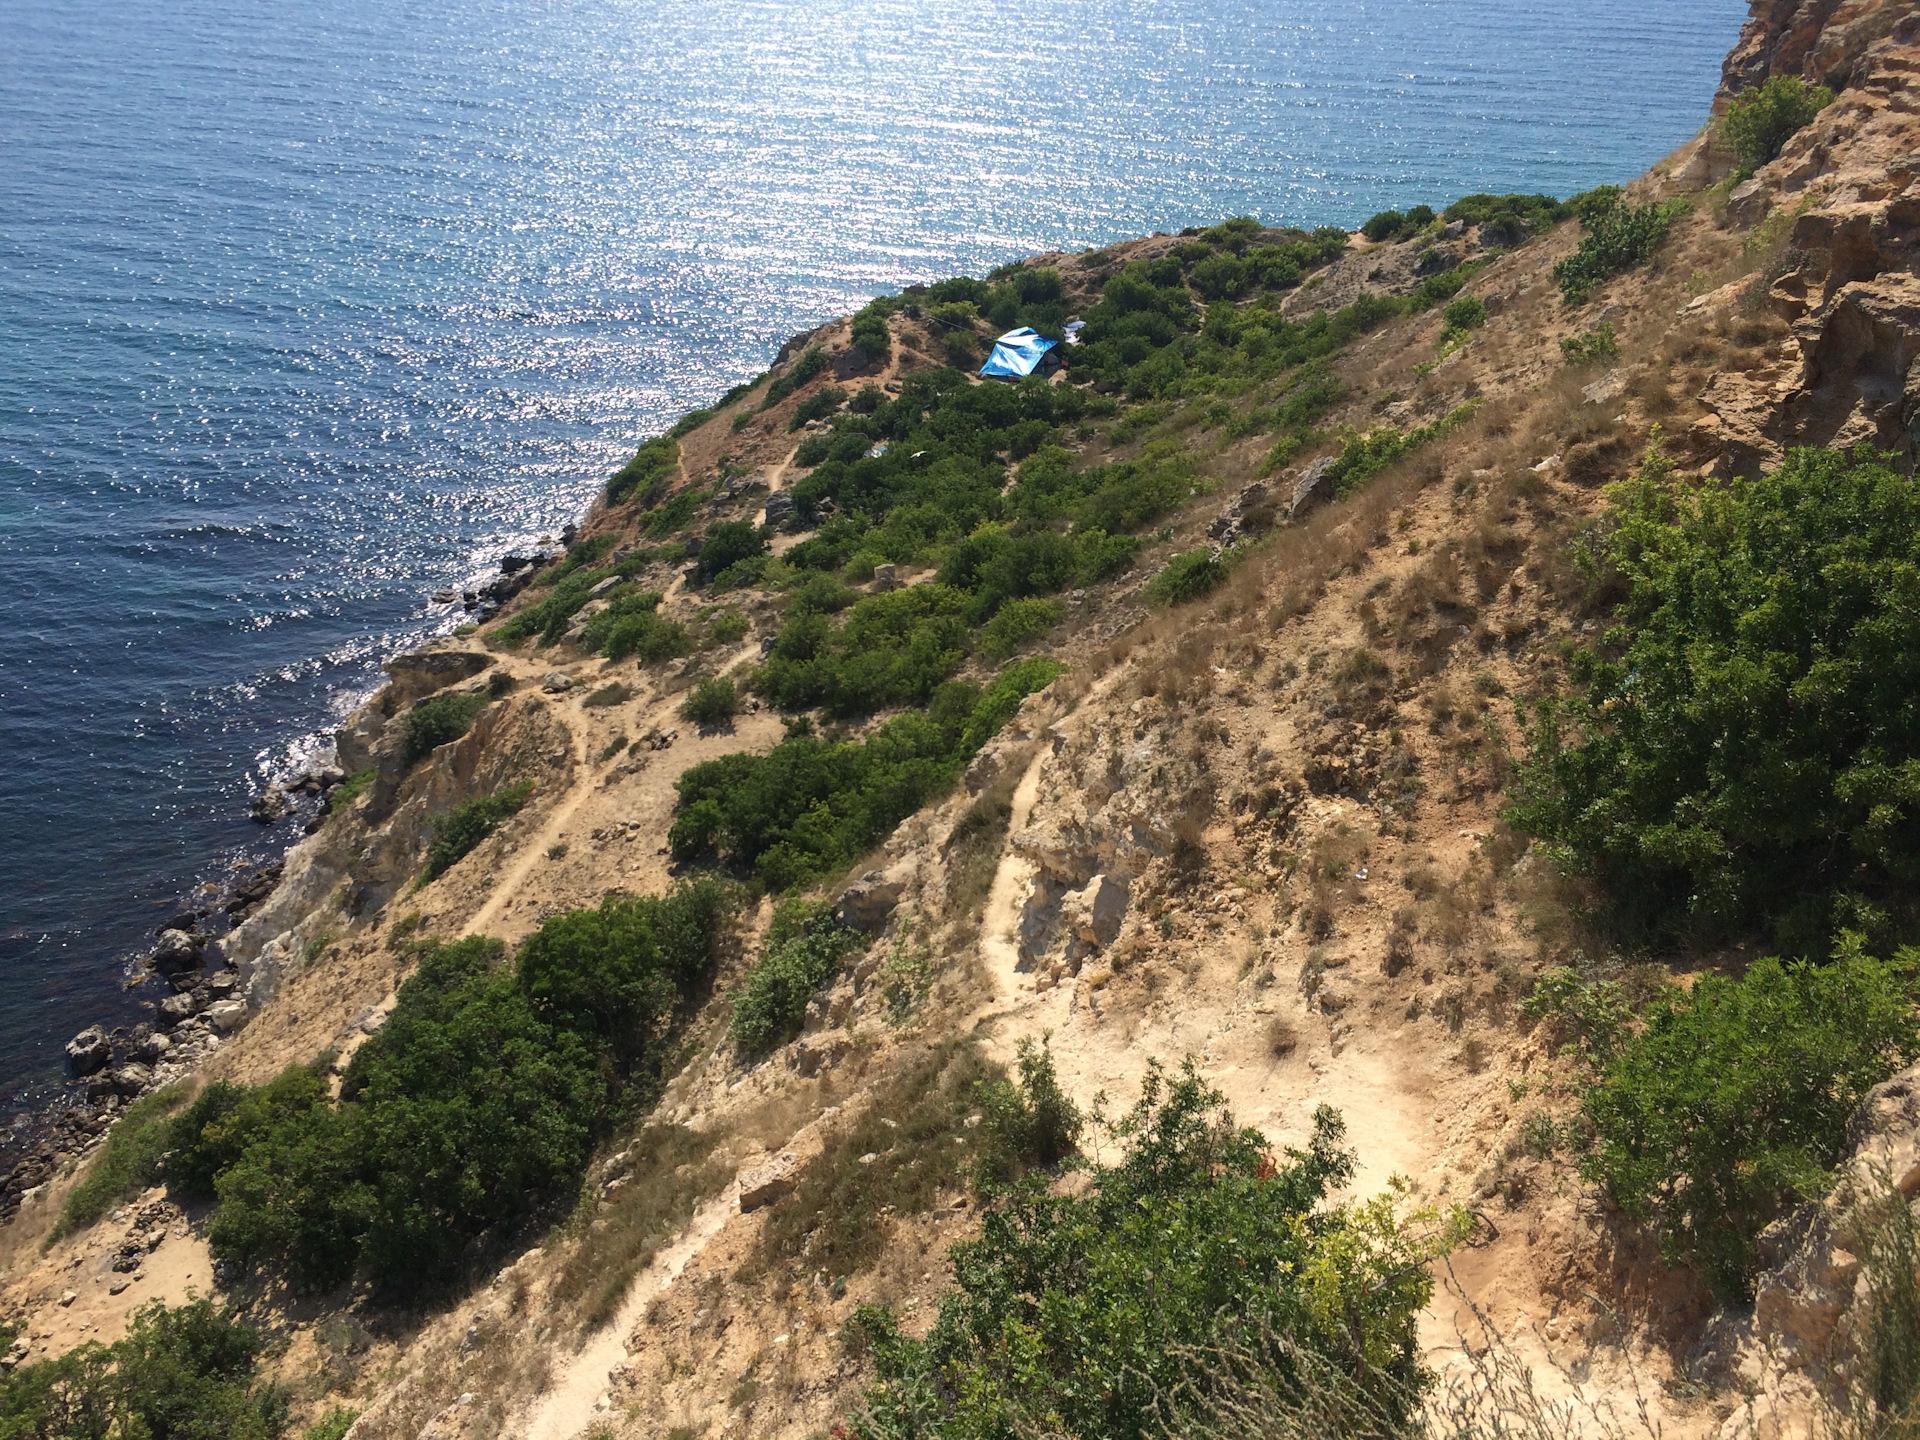 симптом мебиуса севастополь фото пляж фиолент маяк внимания заслуживает